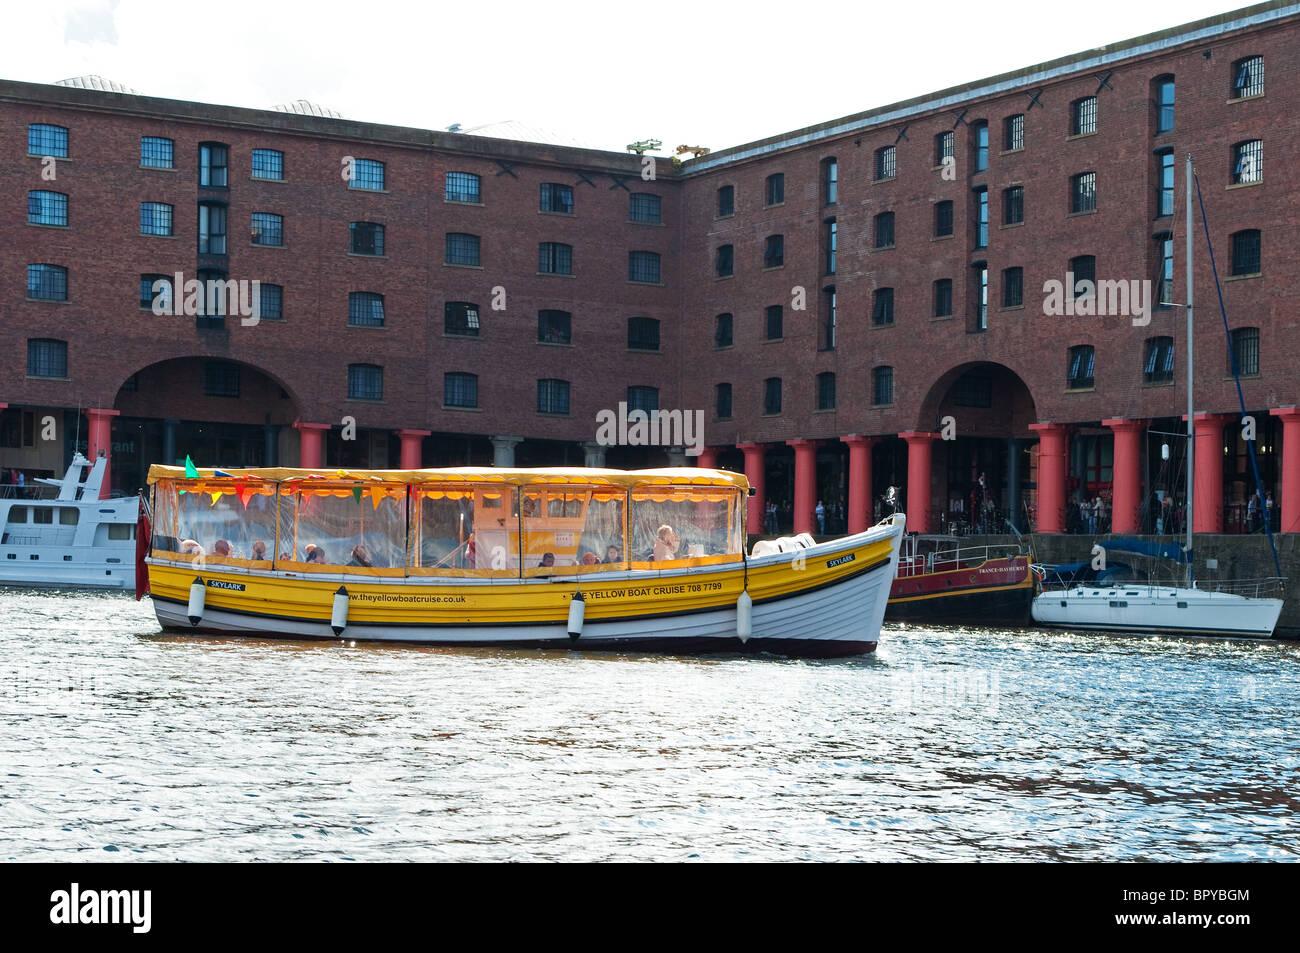 Un recorrido en barco en el Albert Dock en Liverpool, Reino Unido Imagen De Stock